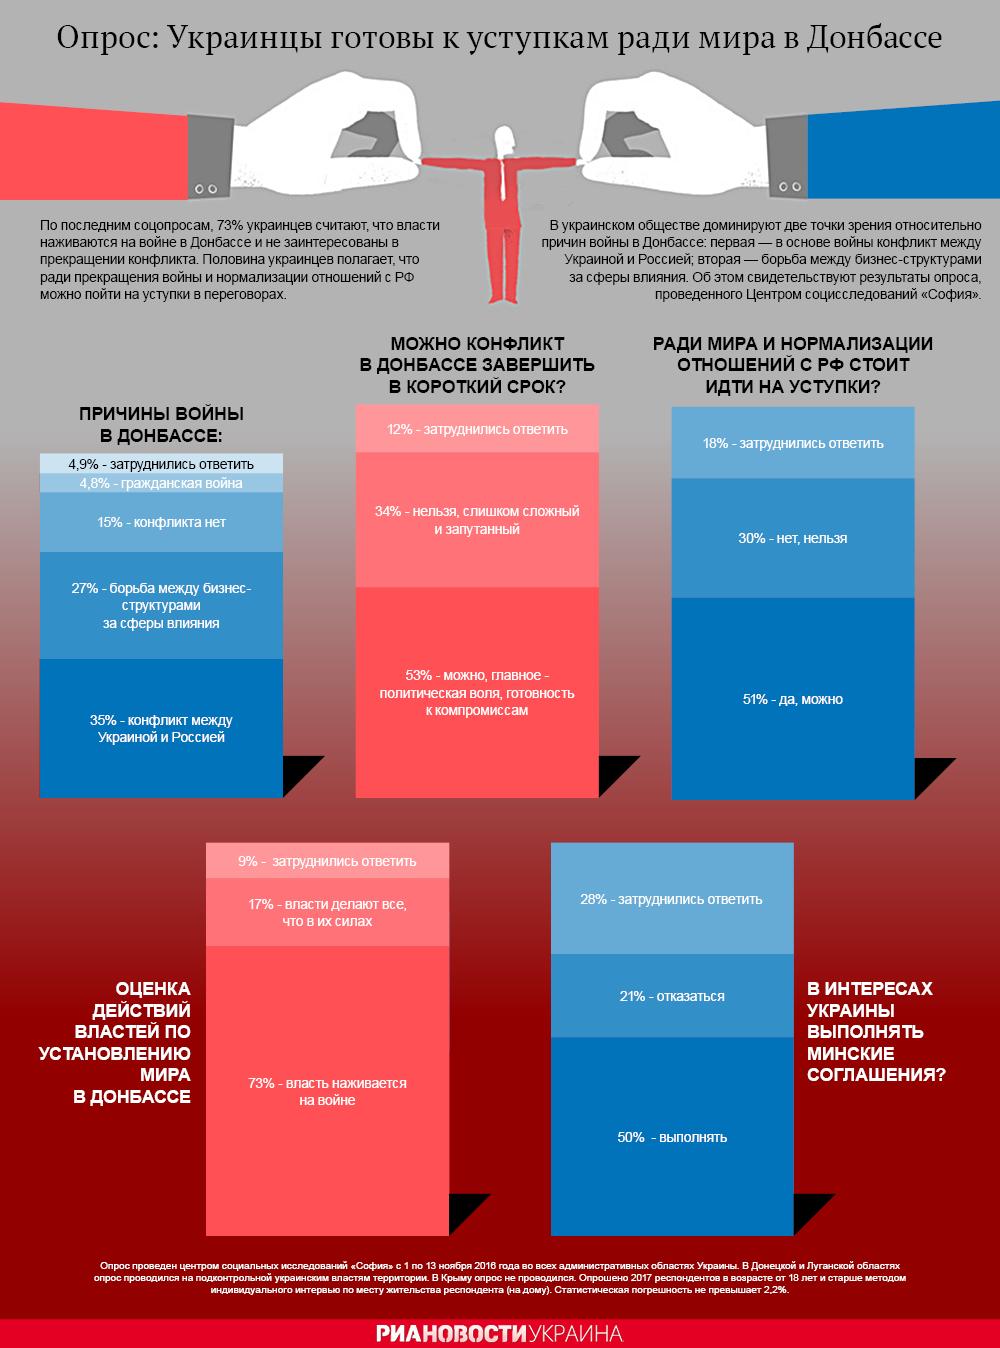 Конфликт на Донбассе глазами украинцев - опрос. Инфографика